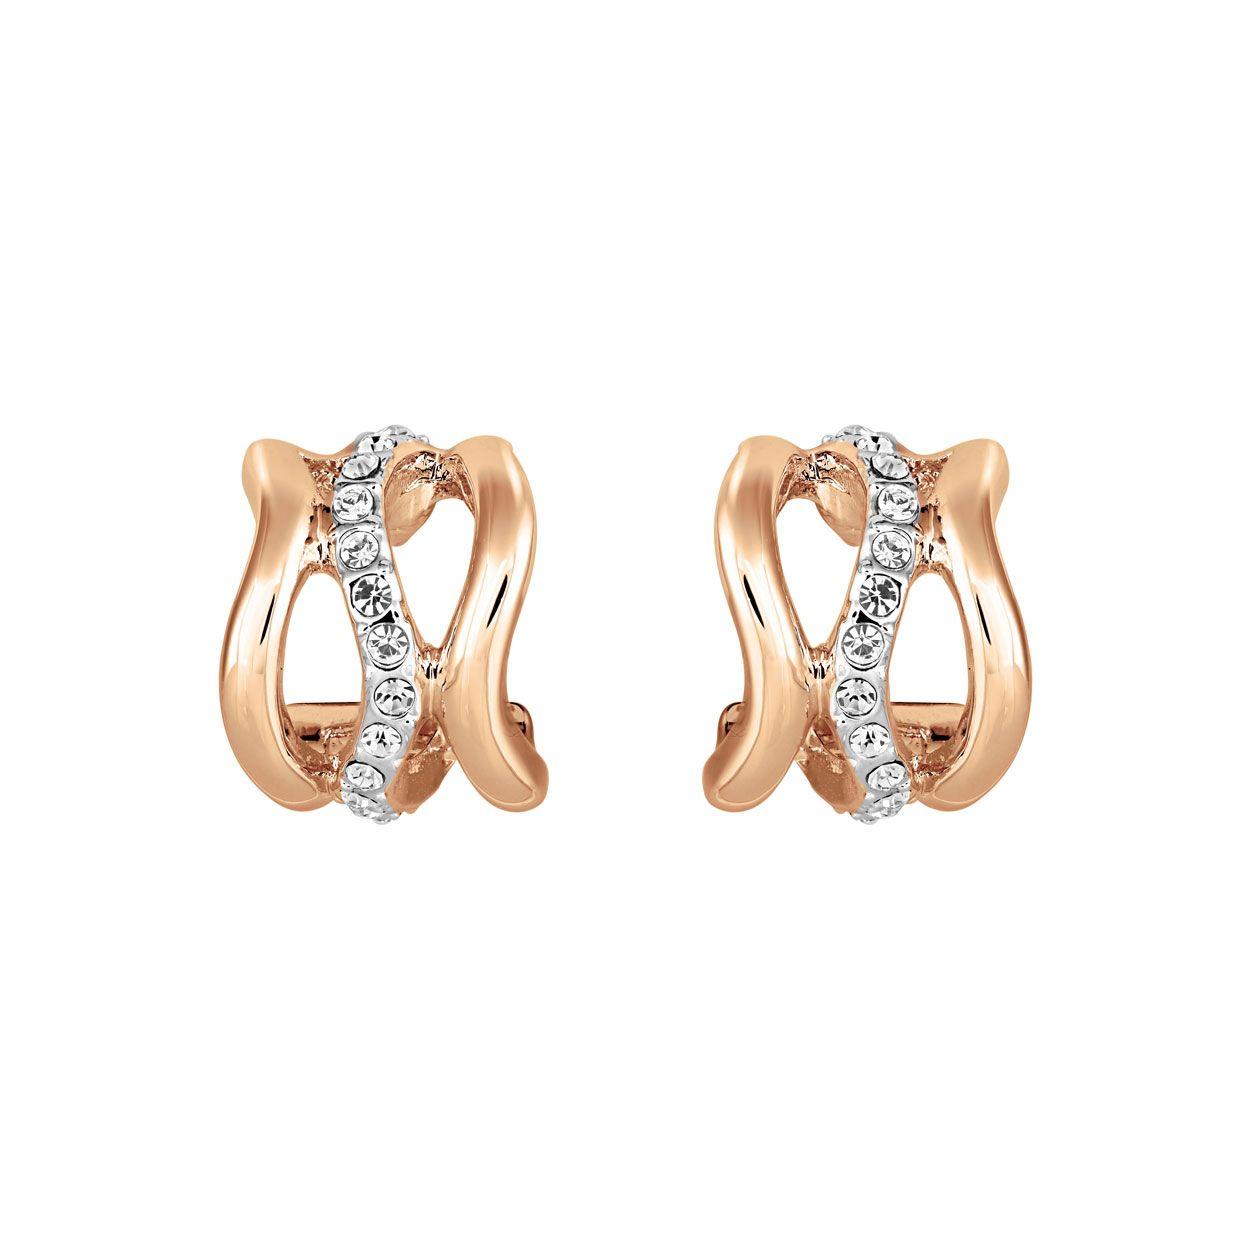 Buckley London Bayswater Hoop Earrings - Rose Gold